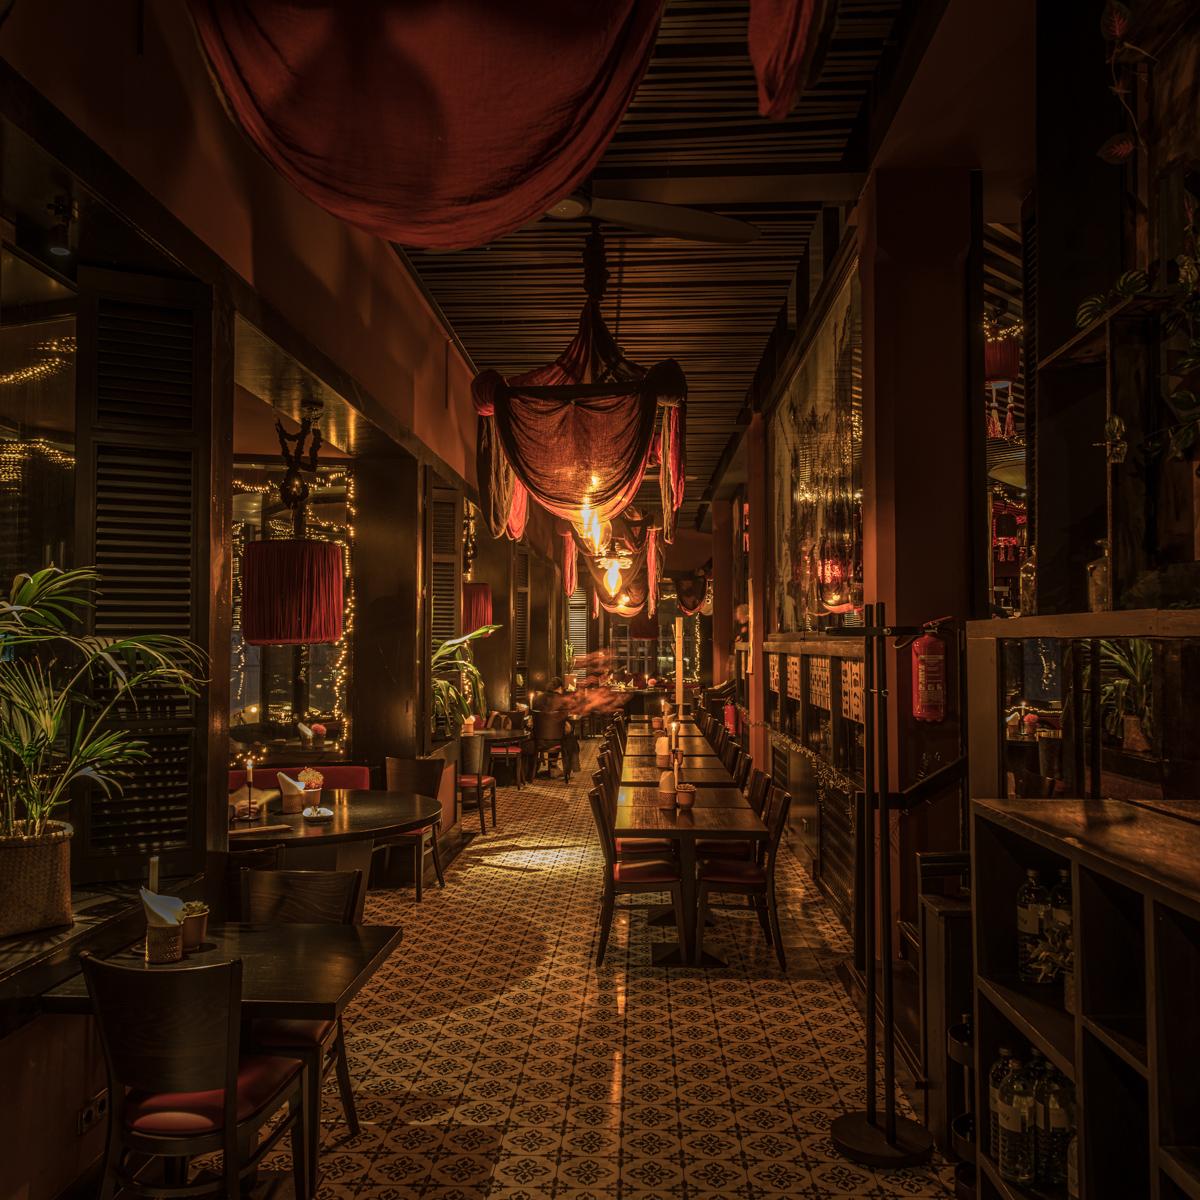 Ngon thailändisches Restaurant in Berlin-Mitte